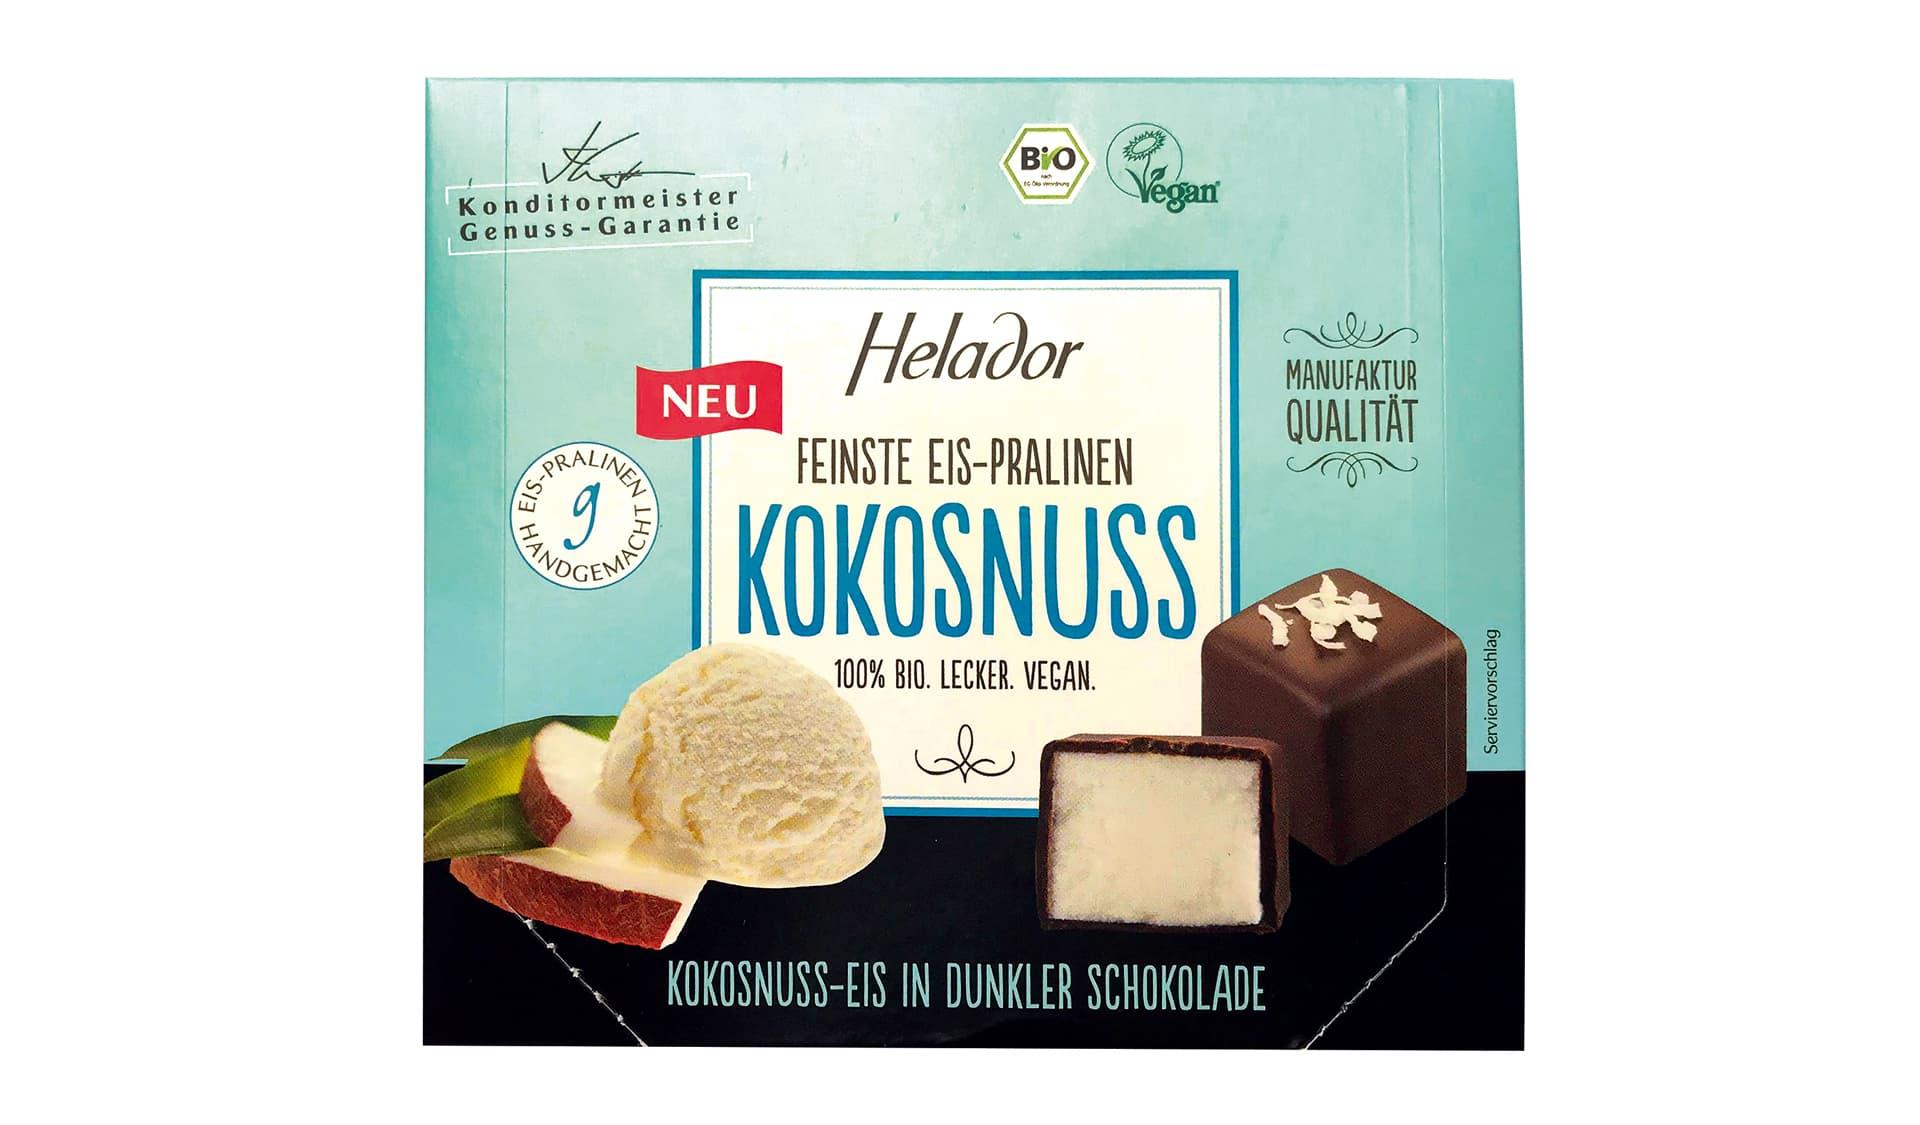 Helador Feinste Eis-Pralinen Kokosnuss (www.helador.de)